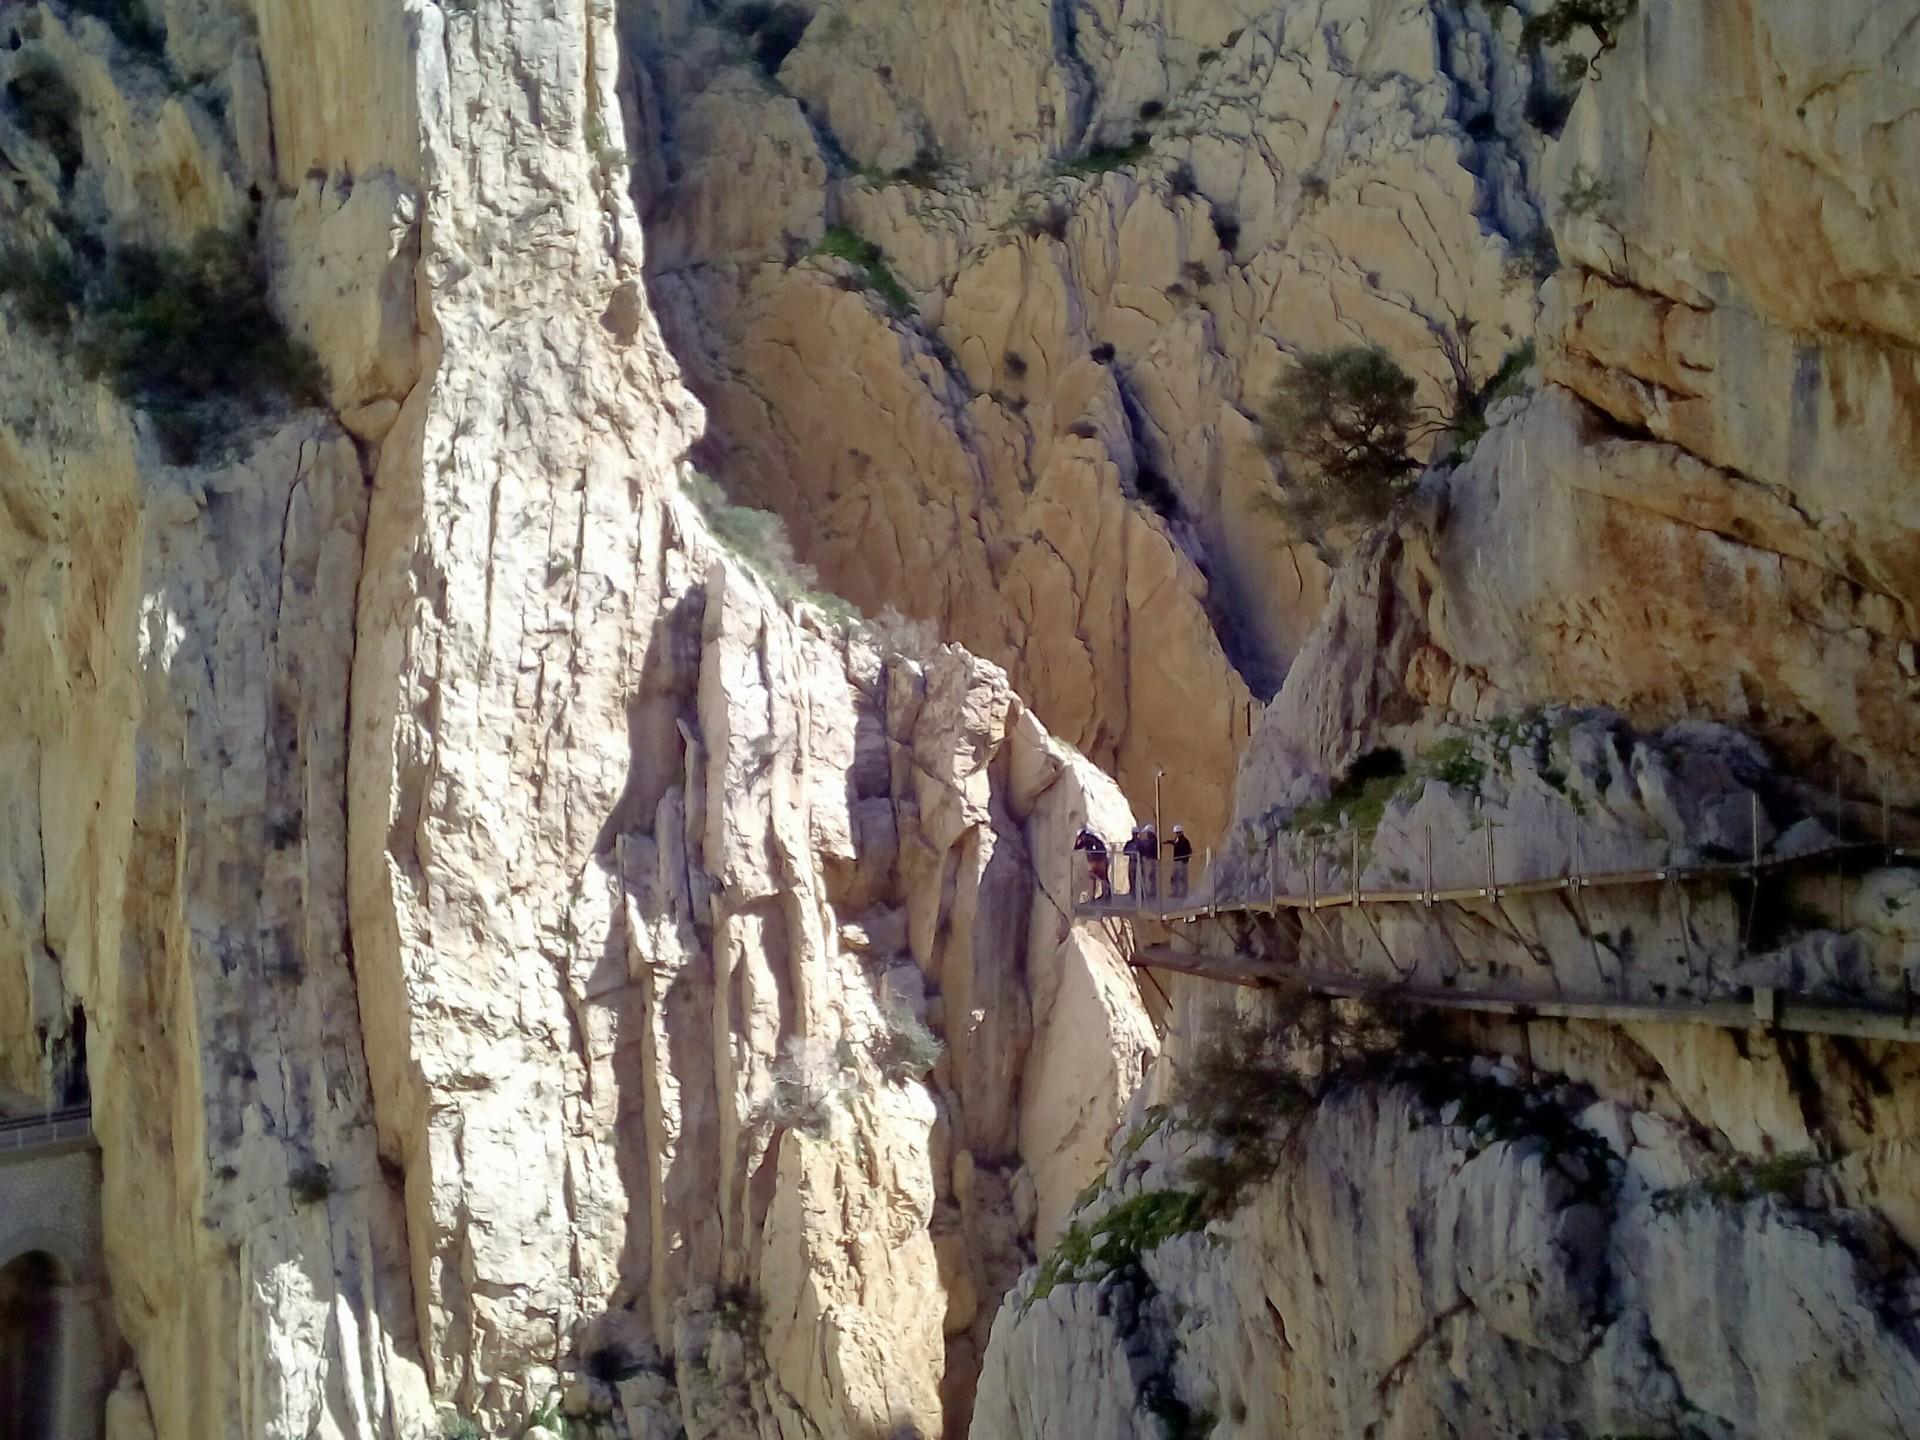 un-dia-aventurero-caminito-del-rey-3e8b2